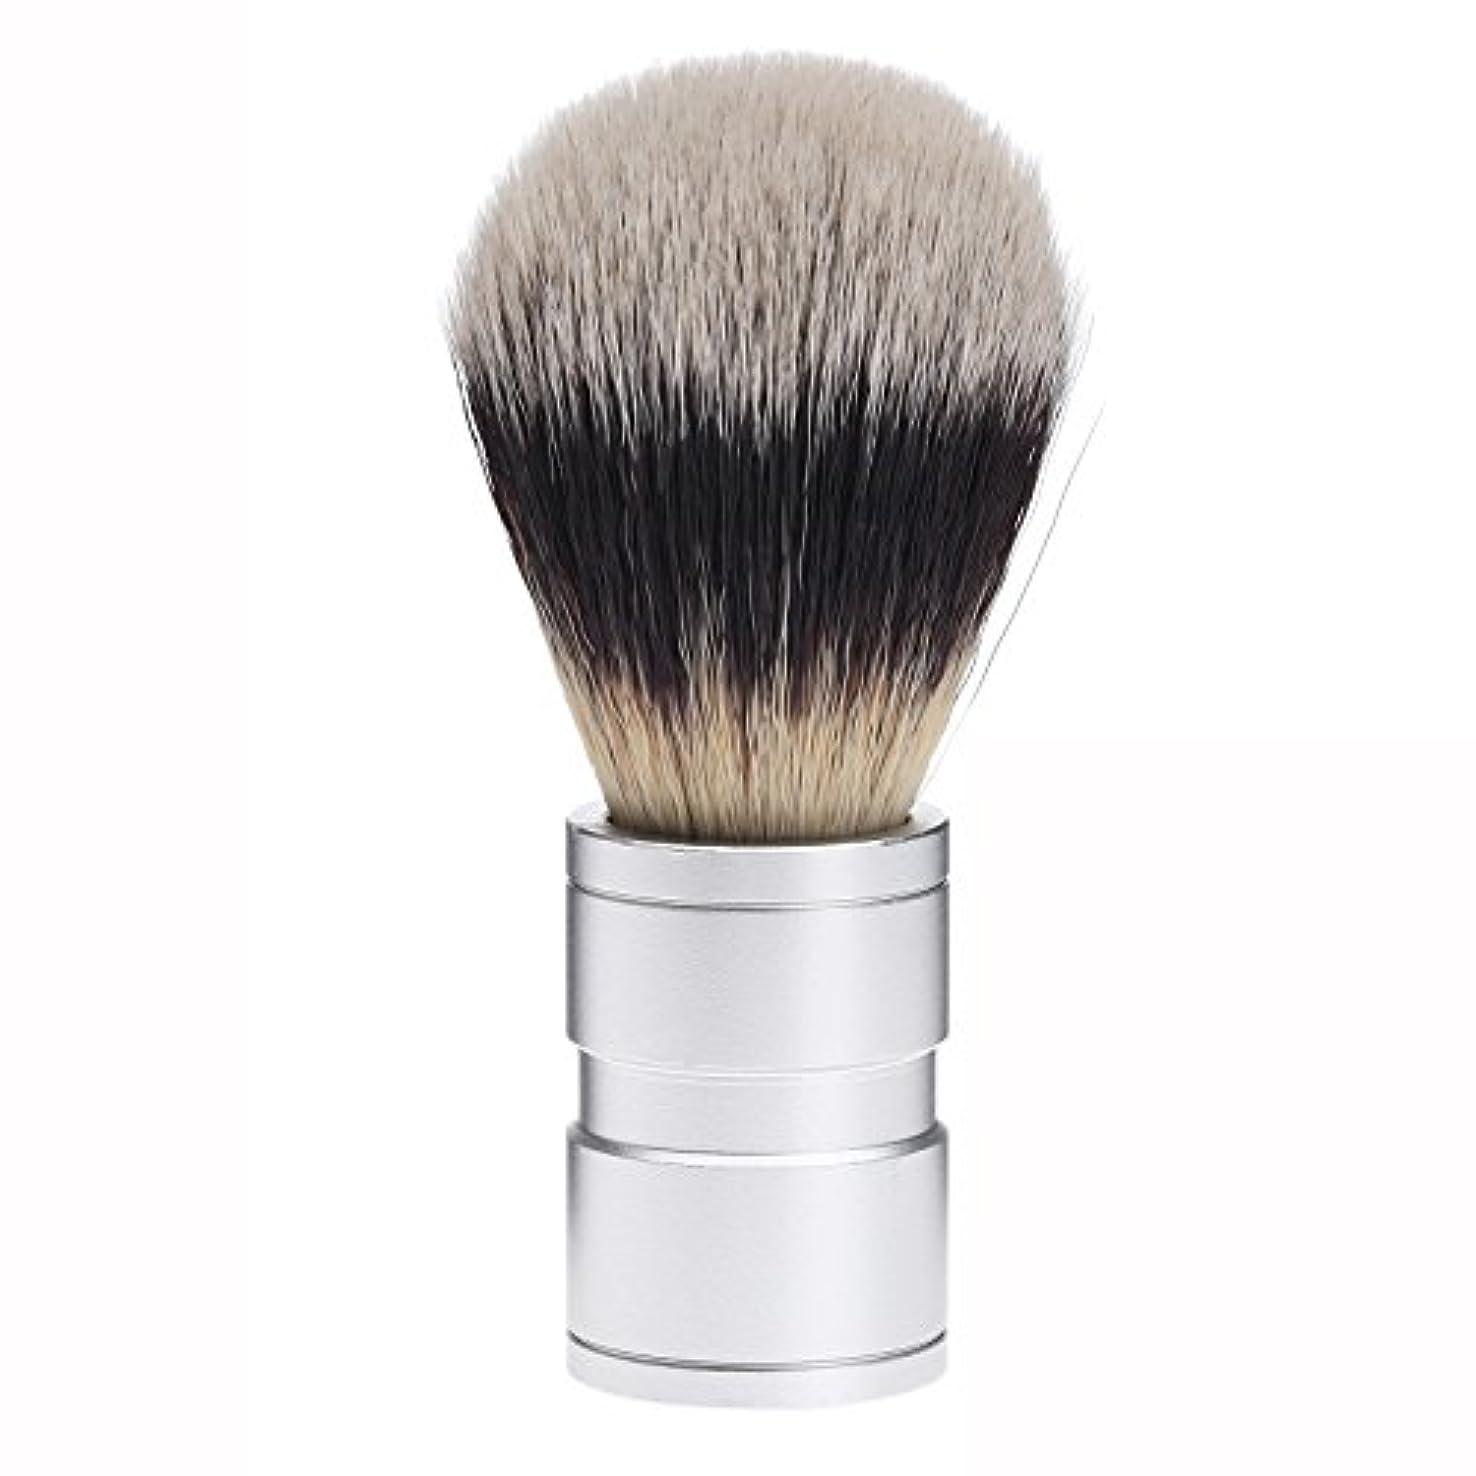 はい群れロープDophee  シェービング用ブラシ シェービングブラシ メンズ 洗顔ブラシ イミテーションアナグマ毛 ファイン模倣 理容 洗顔 髭剃り